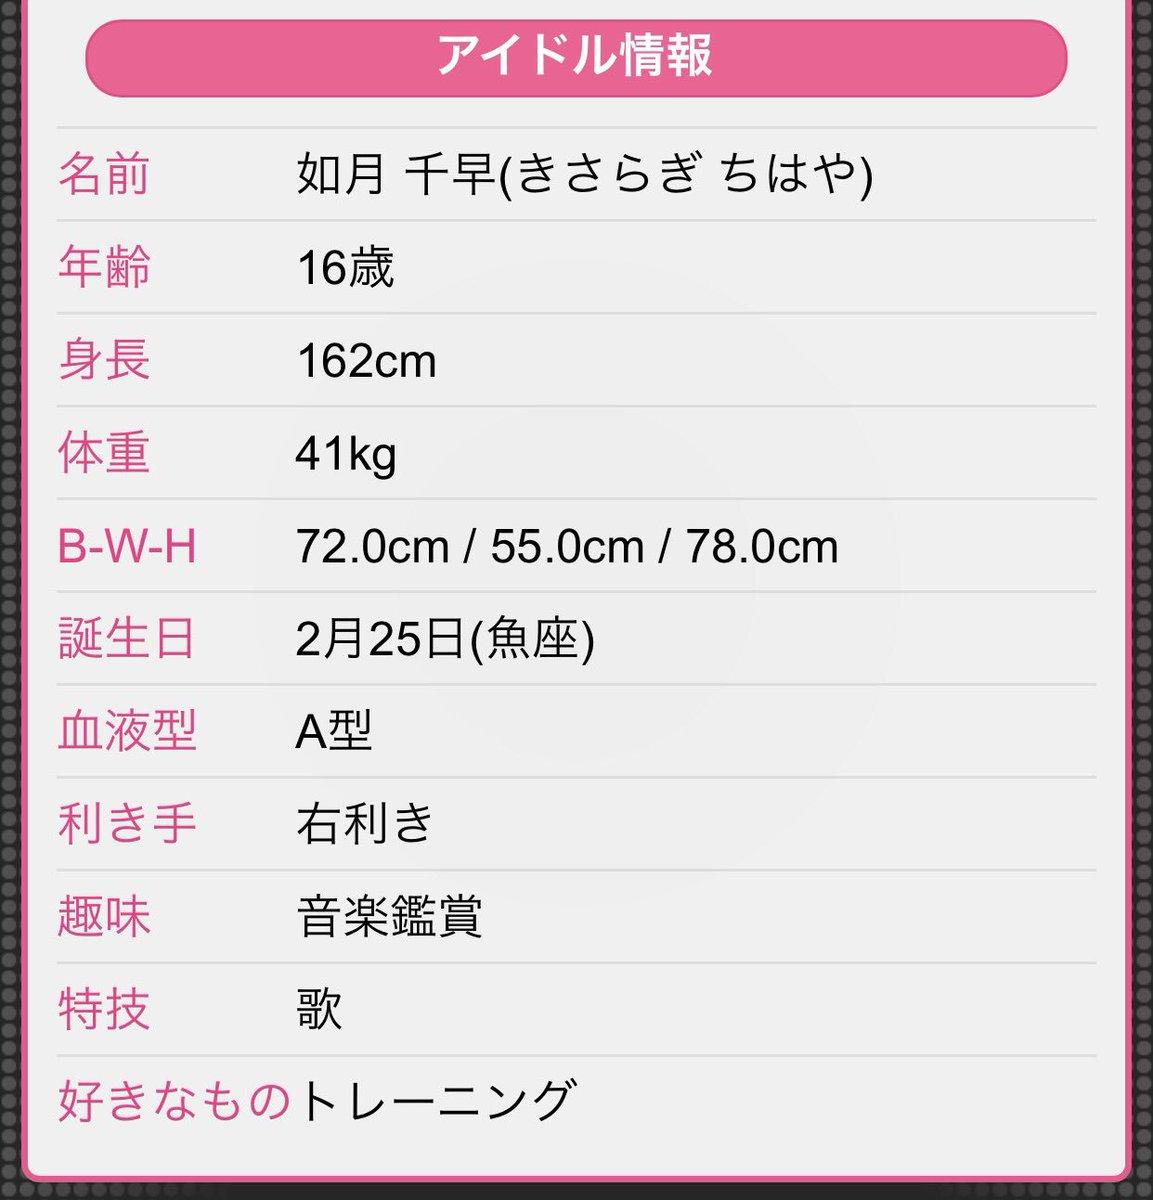 仮面ライダーでポッピー役の松田るかさんが、スリーサイズどころか身長もほぼ如月千早なので写真集で確かみてみろ amazon.co.jp/gp/aw/d/B018LC…